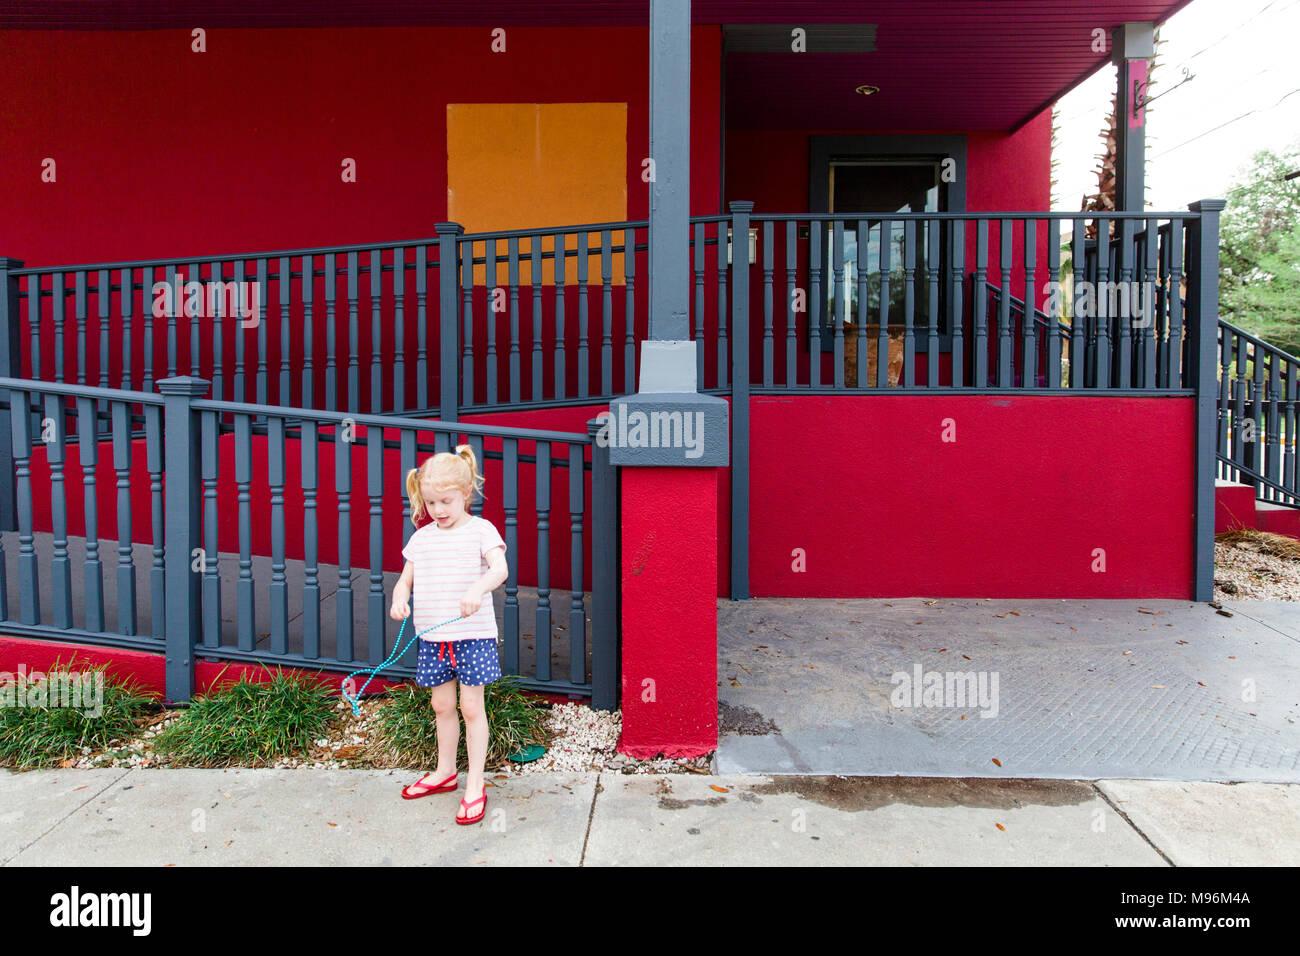 Mädchen außerhalb der roten Gebäude Stockbild